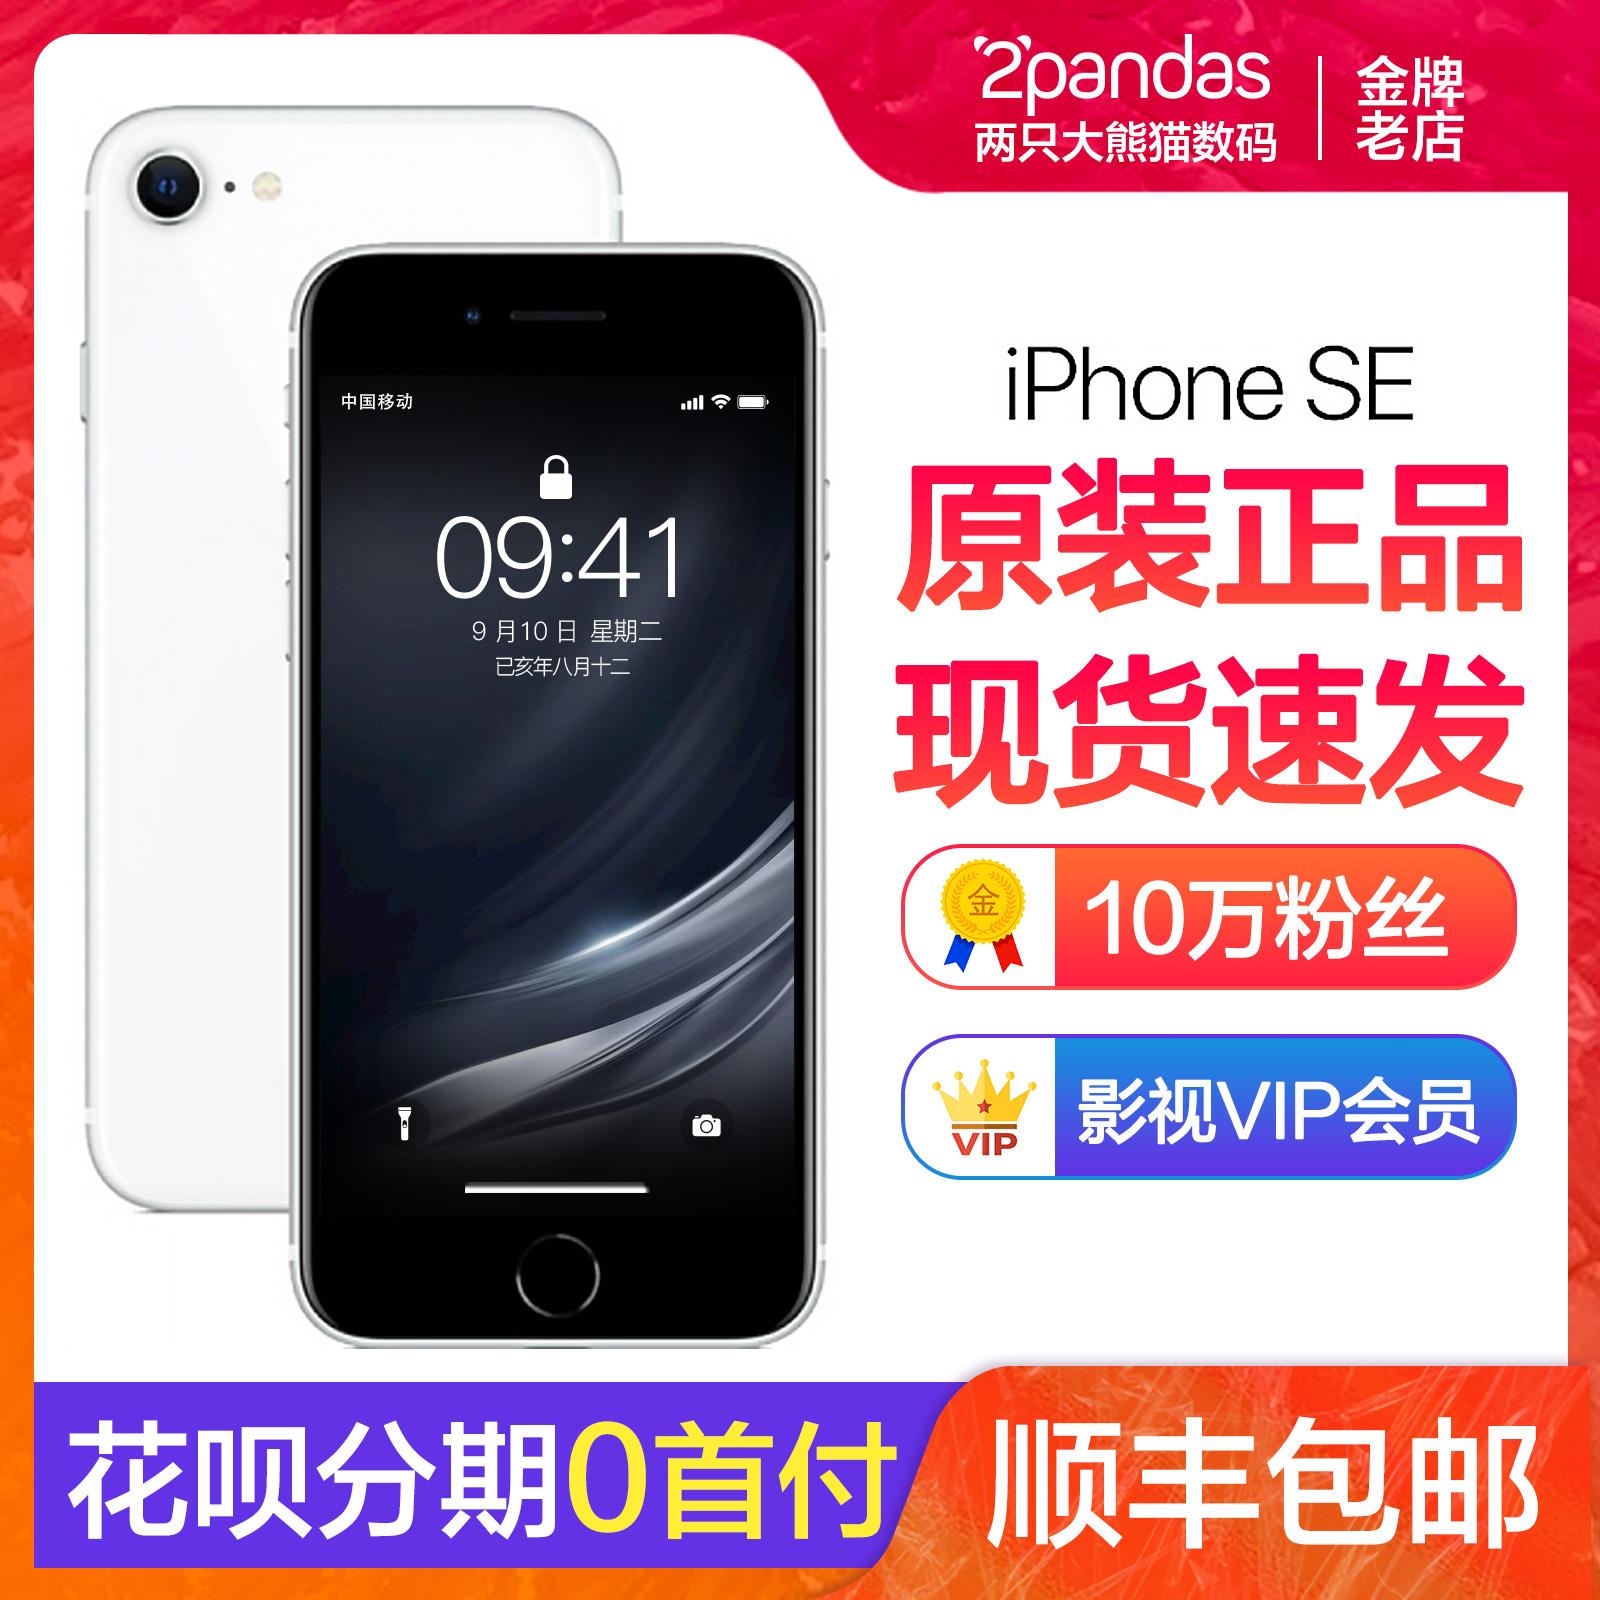 จุด2020ของใหม่Apple/แอปเปิล iPhone SE (รุ่นที่สอง)12se2โทรศัพท์มือถือรุ่น 11pro